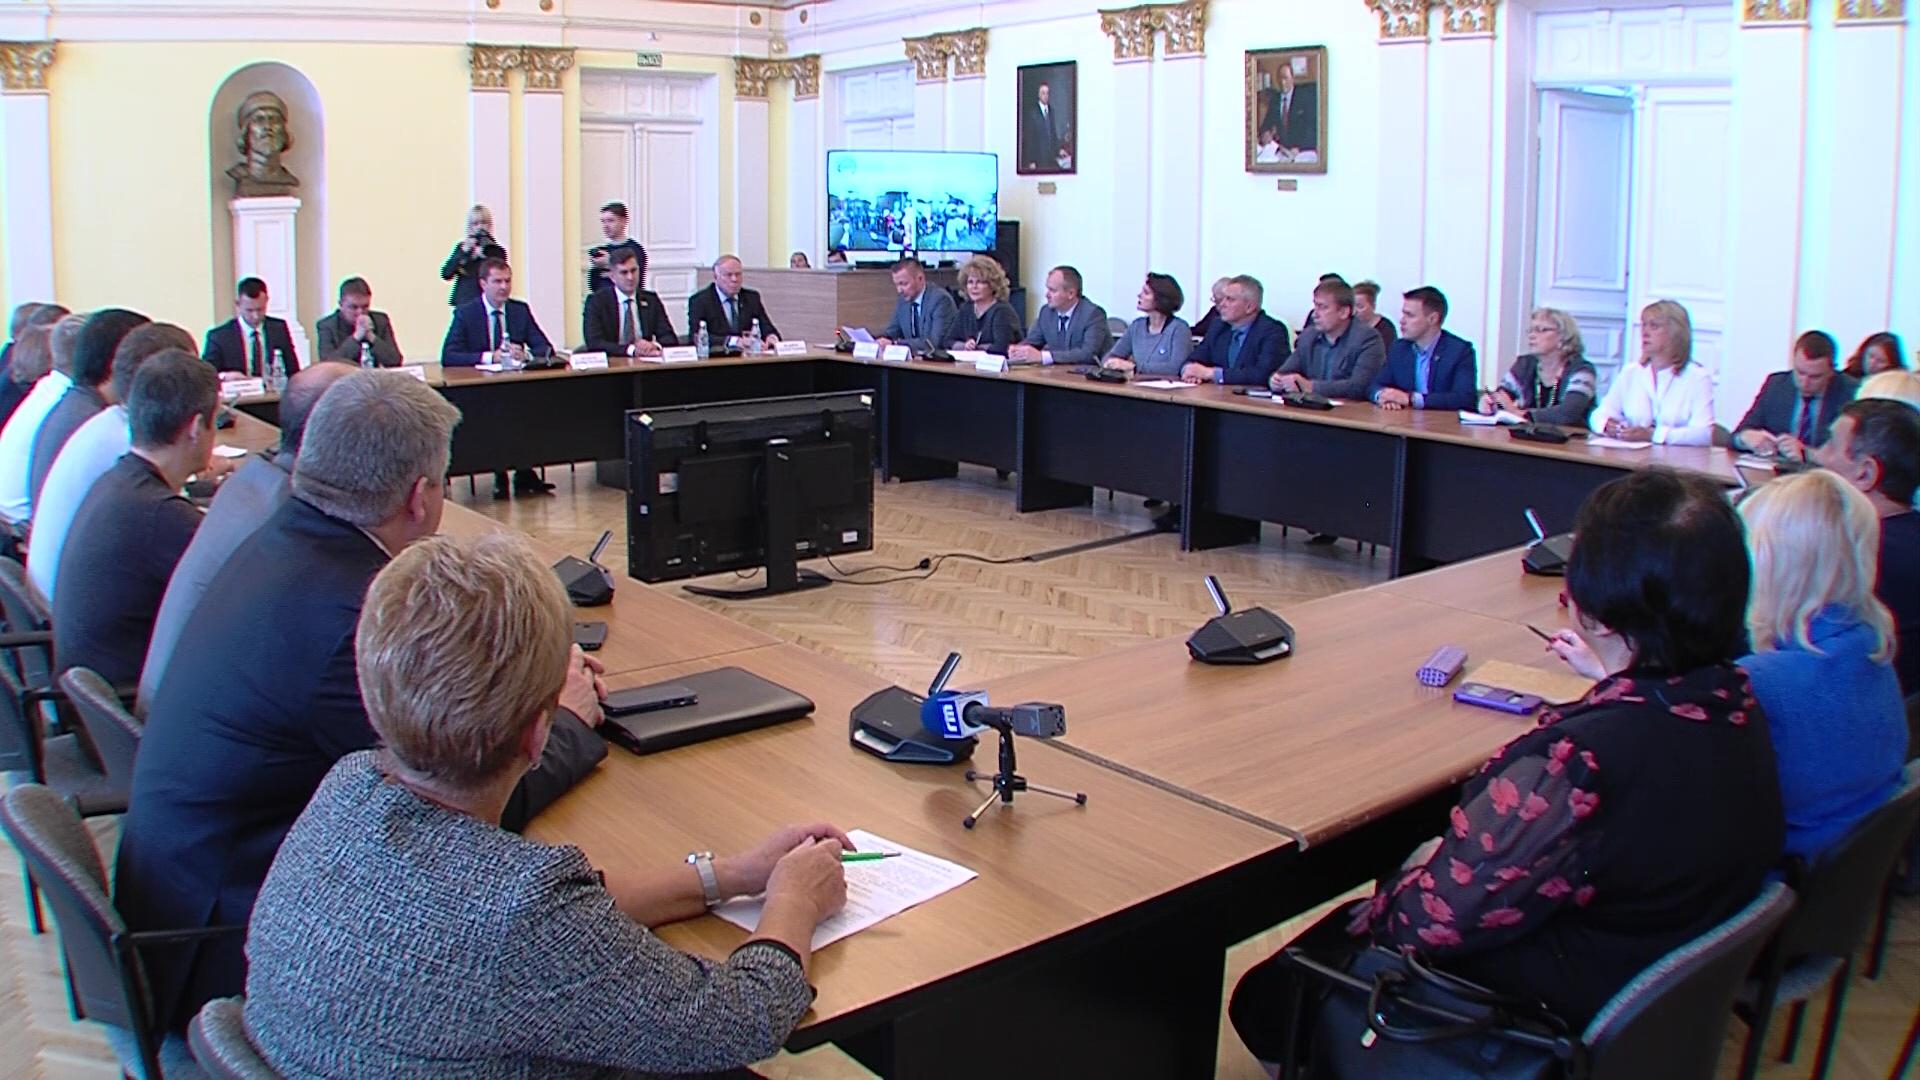 145 благоустроенных территорий: в Ярославле подвели итоги реализации проекта «Решаем вместе!»